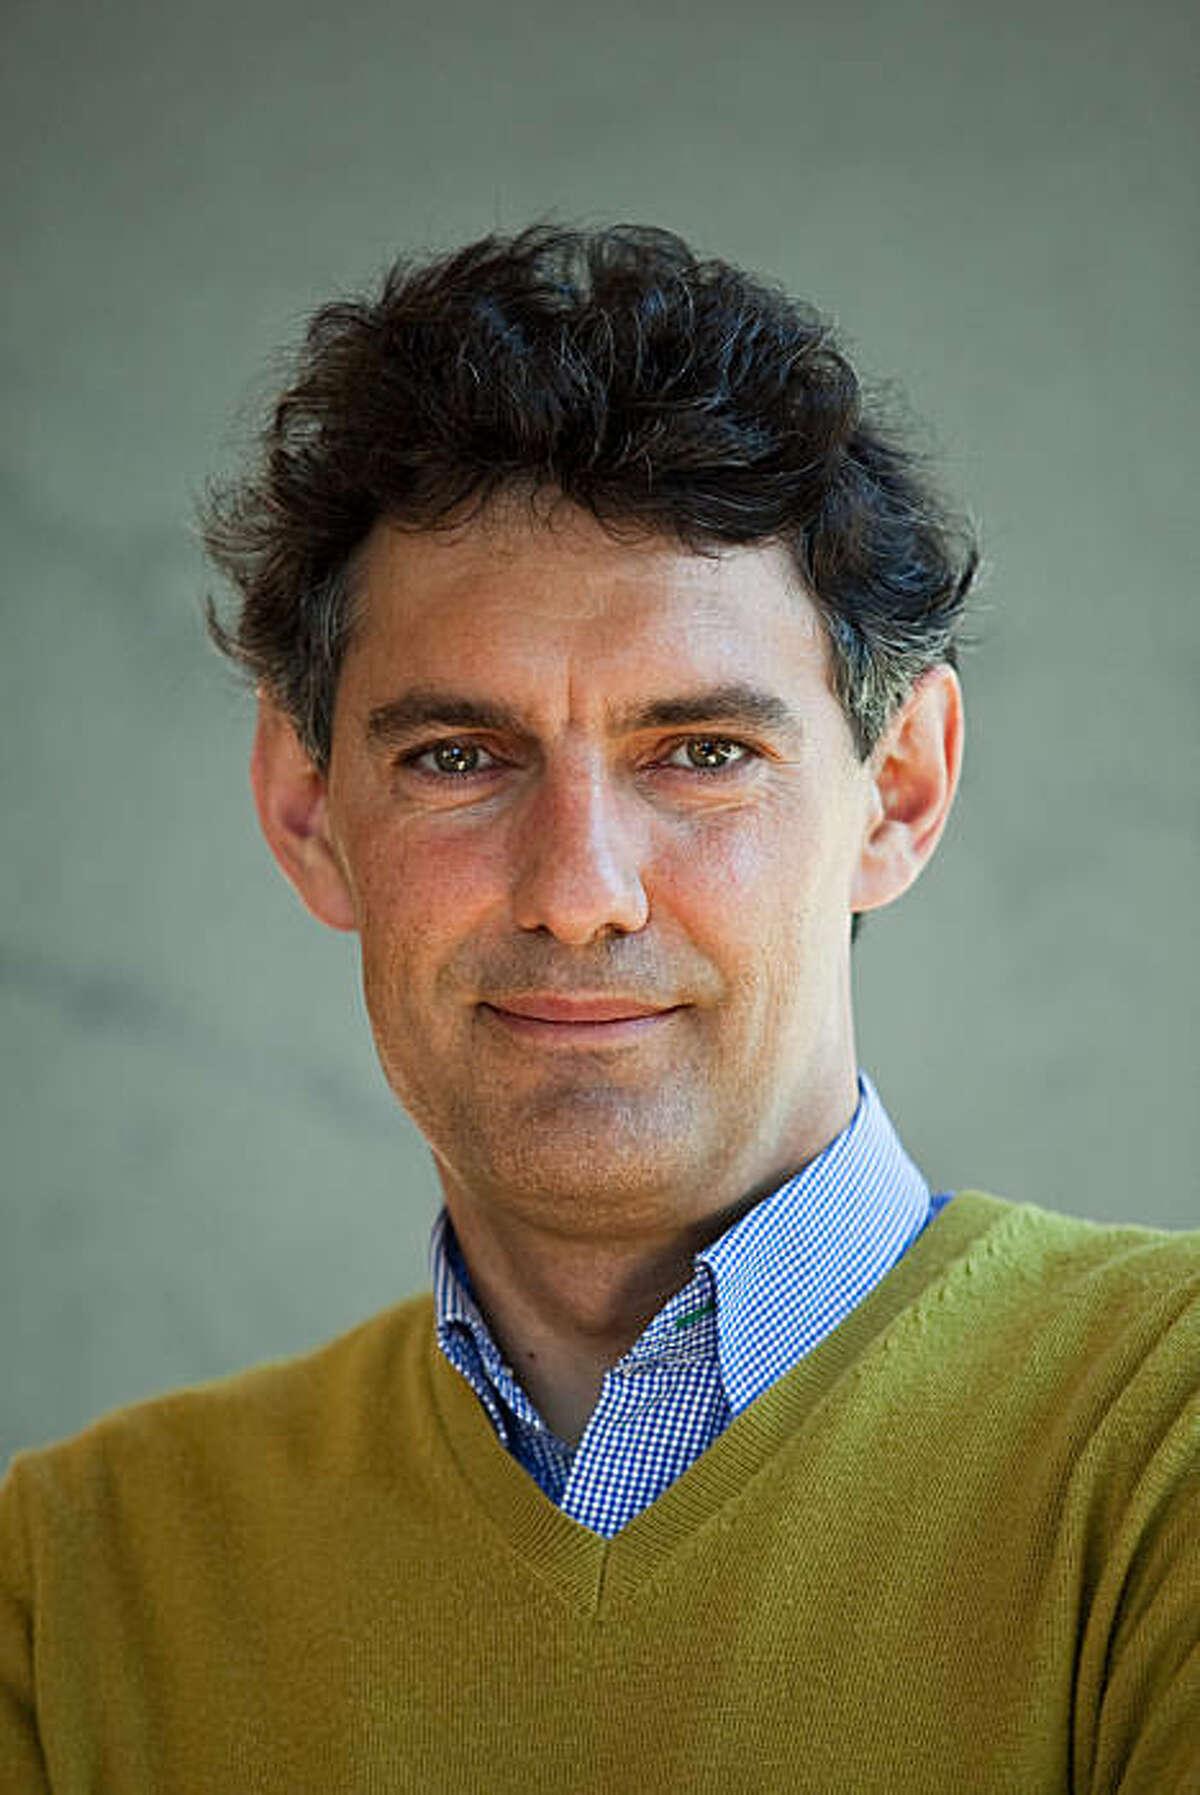 Emmanuel Saez, an Economist from UC Berkeley, was selected as a 2010 MacArthur Fellow.